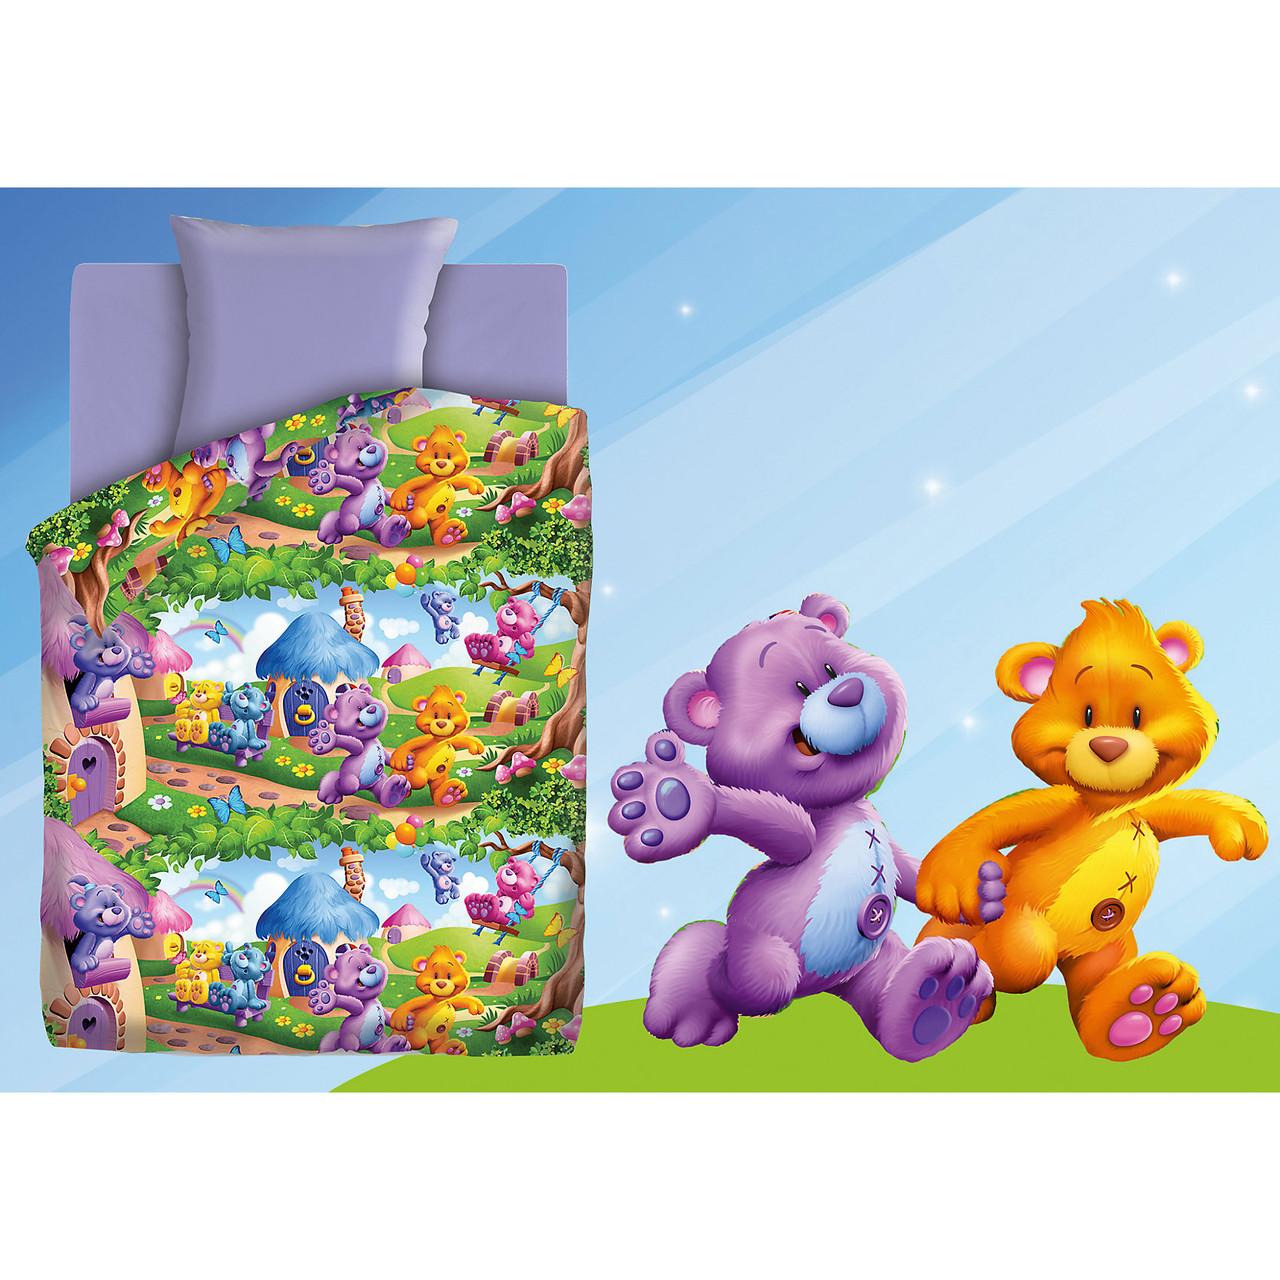 Подростковый постельный комплект «Радужные мишки», Непоседа